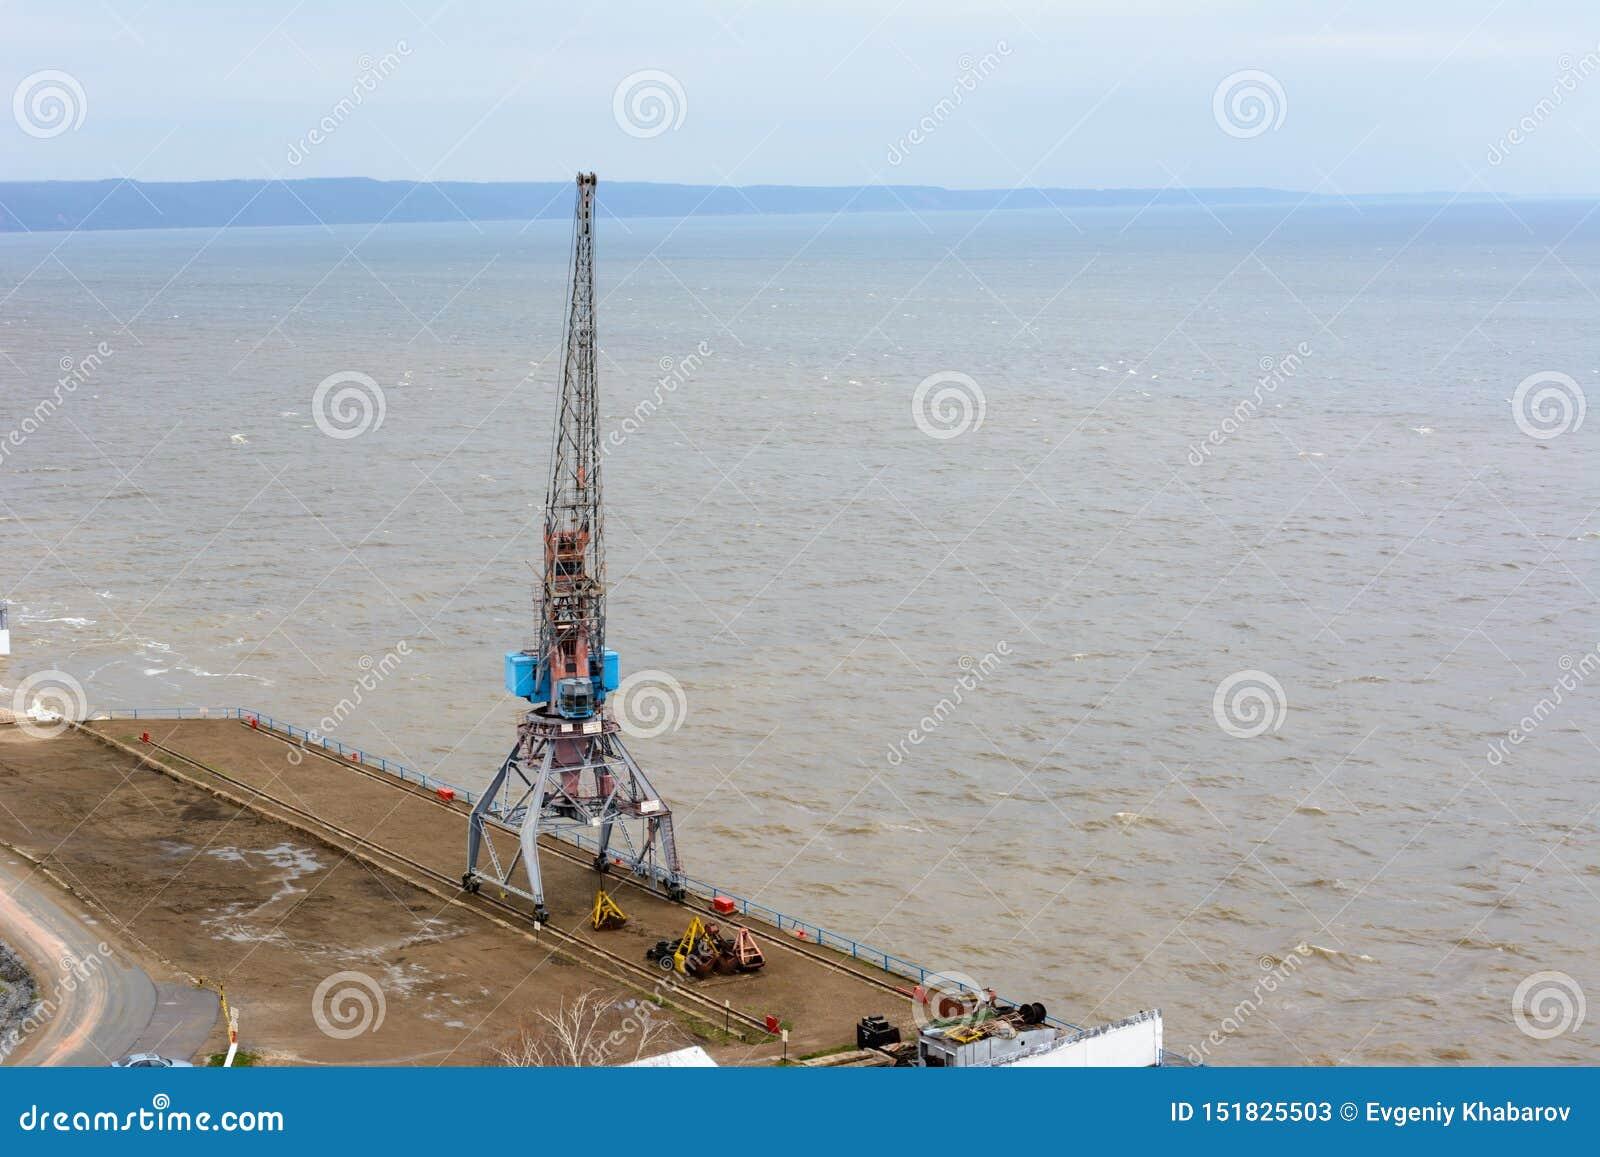 Tetyushi Tatarstan/Ryssland - Maj 2, 2019: Bästa sikt av den tomma industriella pir med lasthamnkranen på skeppsdockan längs